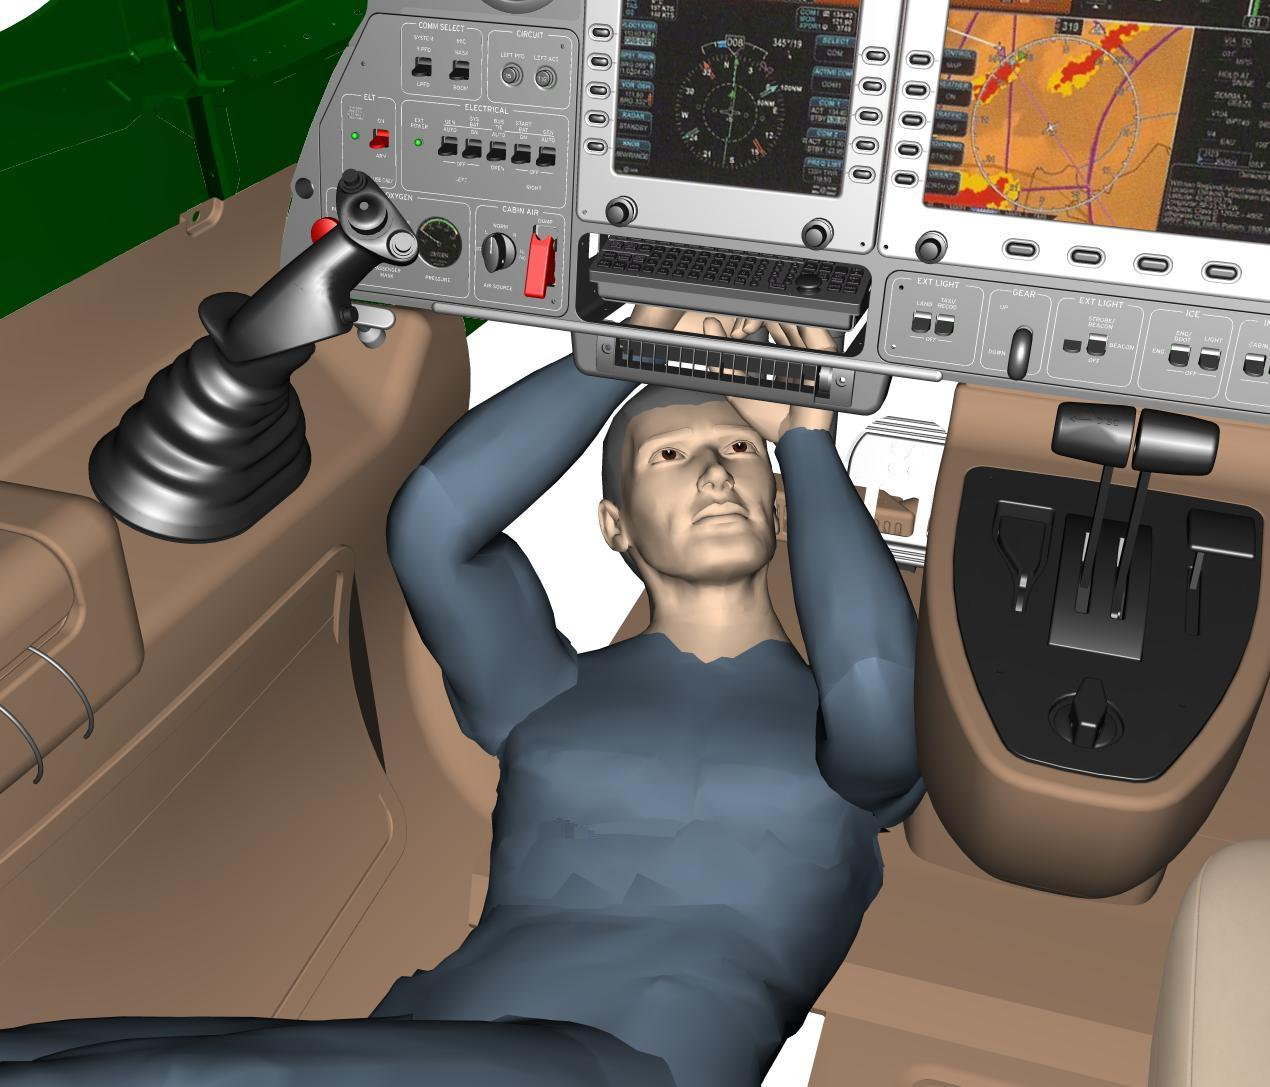 APV_Jack_CockpitInstrumentInstall.jpg